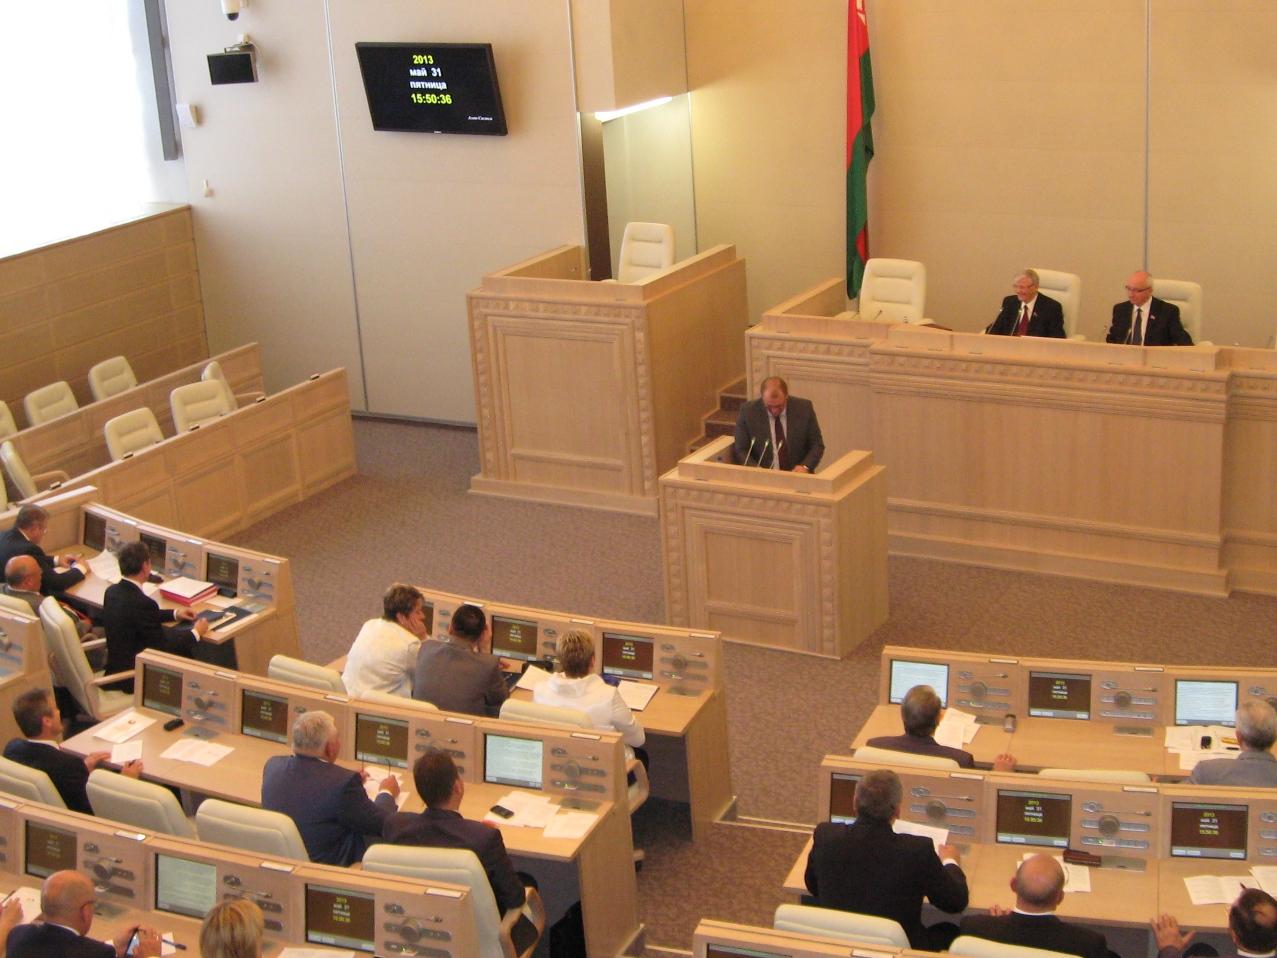 Начальник института МВД, главный БРСМ-овец страны, директор совхоза. Кто попадёт в верхнюю палату парламента от Могилевской области